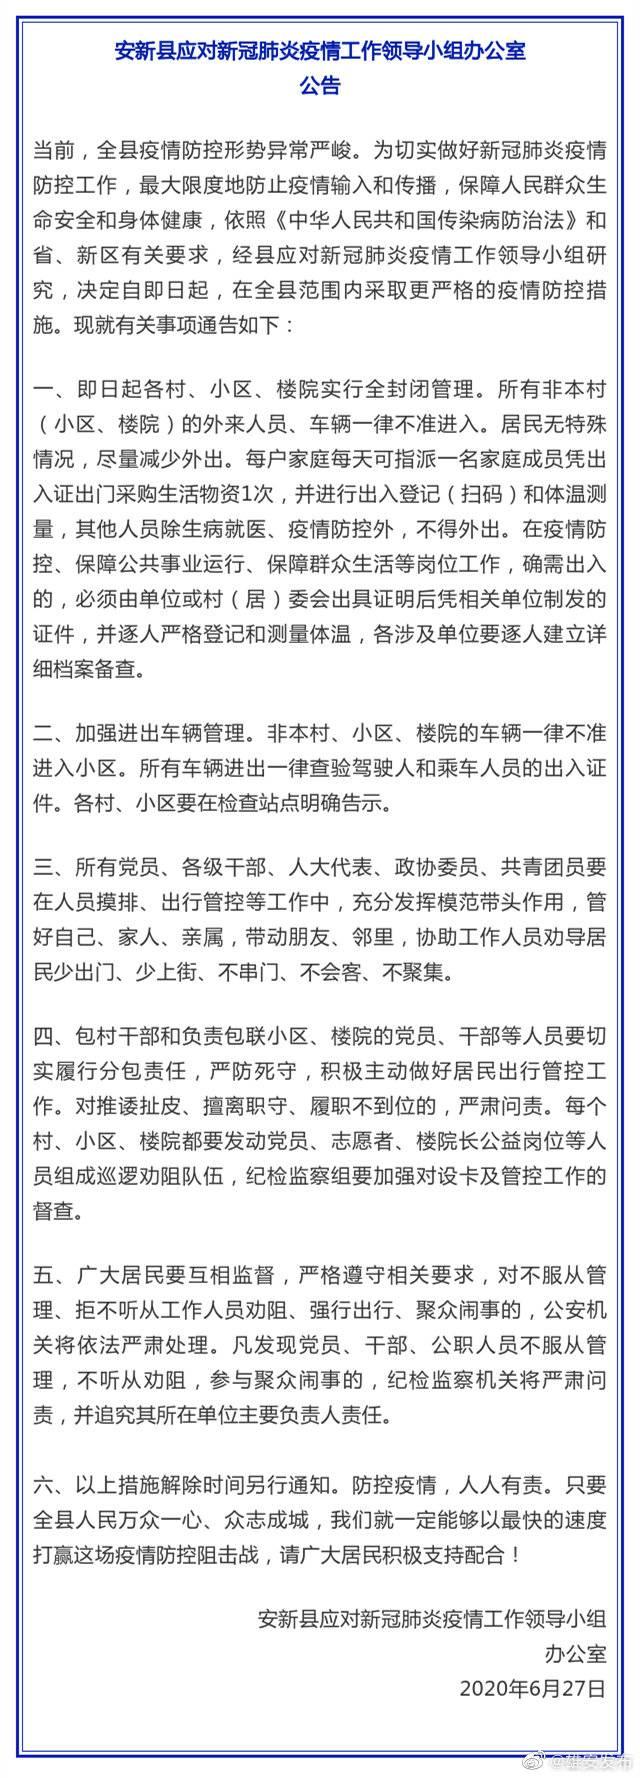 《【杏耀平台手机版登陆】雄安新区安新县发布疫情防控最新公告:即日起各村、小区、楼院实行全封闭管理》